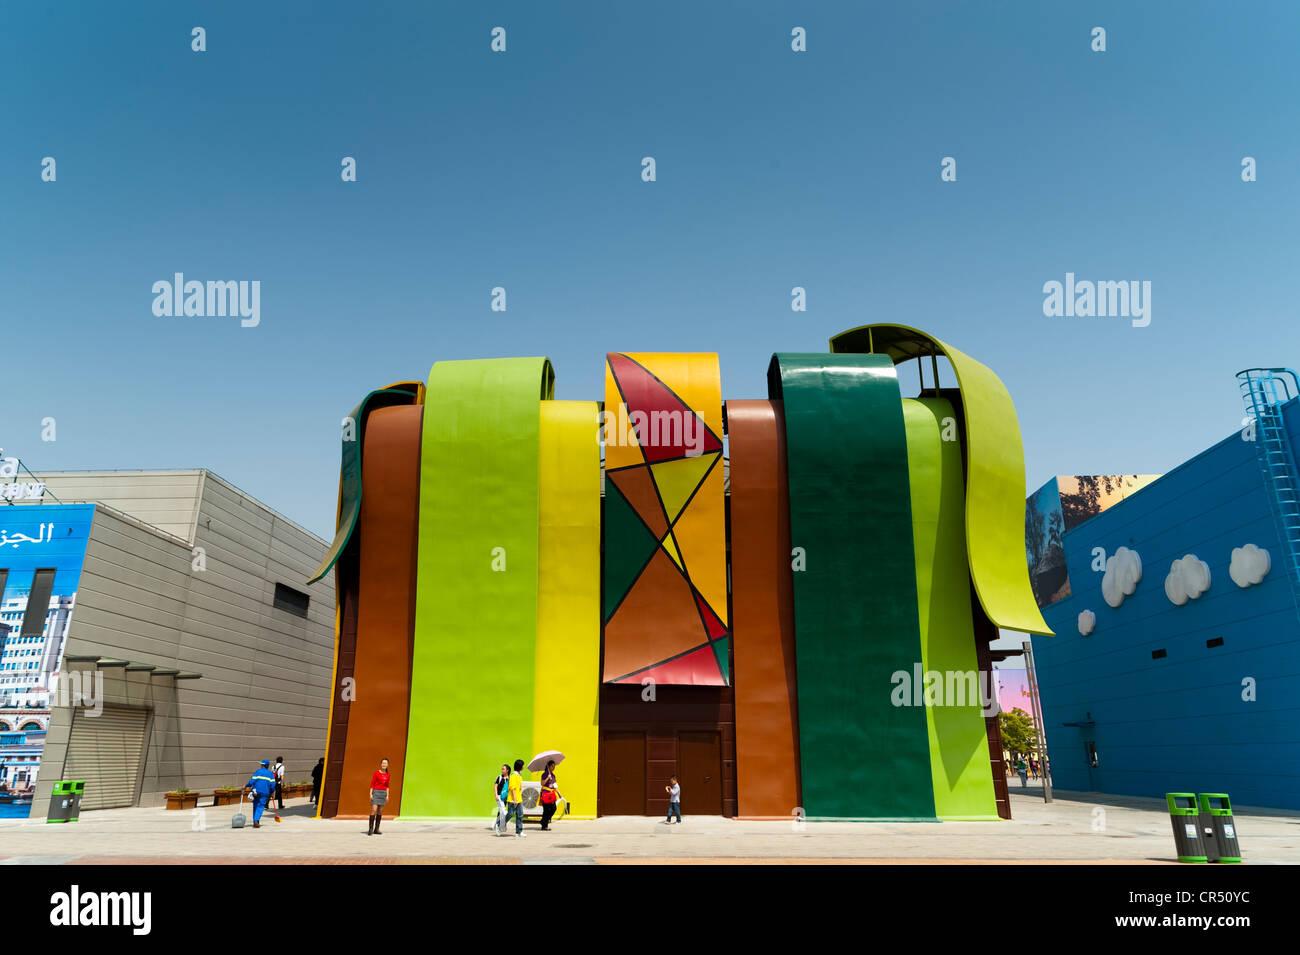 Angola Pavilion, Expo 2010, Shanghai, China, Asia - Stock Image